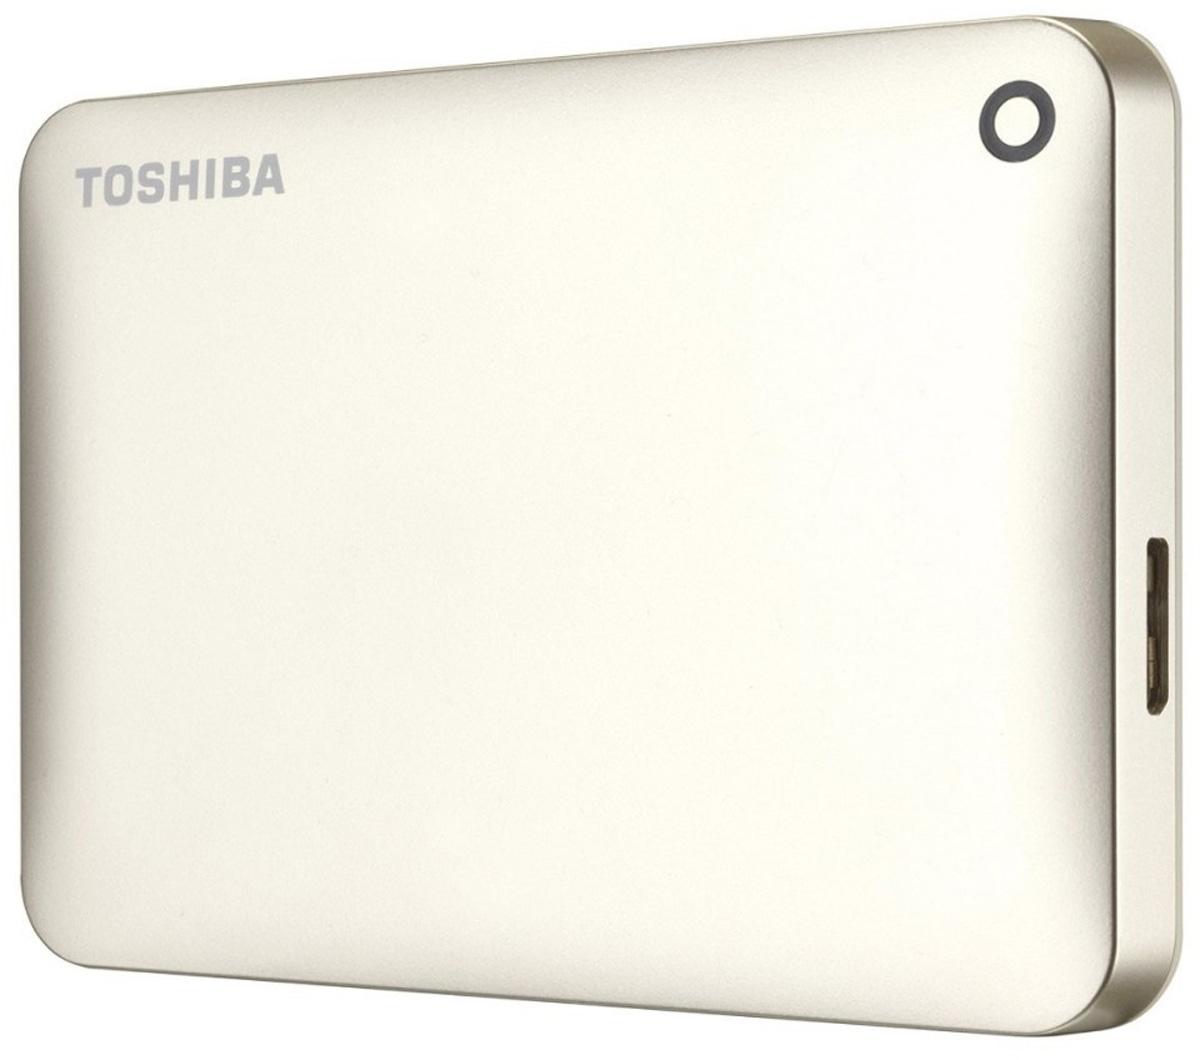 Toshiba Canvio Connect II 500GB, Gold внешний жесткий диск (HDTC805EC3AA)HDTC805EC3AAToshiba Canvio Connect II дает вам возможность быстро передавать файлы с интерфейсом USB 3.0 и хранить большое количество данных на внешнем жестком диске. Устройство полностью готово для работы с Microsoft Windows и не требует установки программного обеспечения, так что ничего не может быть удобнее для хранения всех ваших любимых файлов. В офисе или в дороге его классический дизайн будет всегда уместен. Более того, Toshiba Canvio Connect II позволяет подключаться также и к оборудованию с совместимостью USB 2.0. Этот внешний накопитель обеспечивает доступ к вашим файлам практически из любого места и с любого устройства. Toshiba Canvio Connect II может легко превратить ваш компьютер в облачный сервер благодаря предустановленному ПО для удаленного доступа (накопитель должен быть подключен к компьютеру и Wi-Fi). Помимо удаленного доступа это устройство предоставляет своему владельцу 10 ГБ дополнительного места в облачном сервисе. Программное обеспечение NTI...